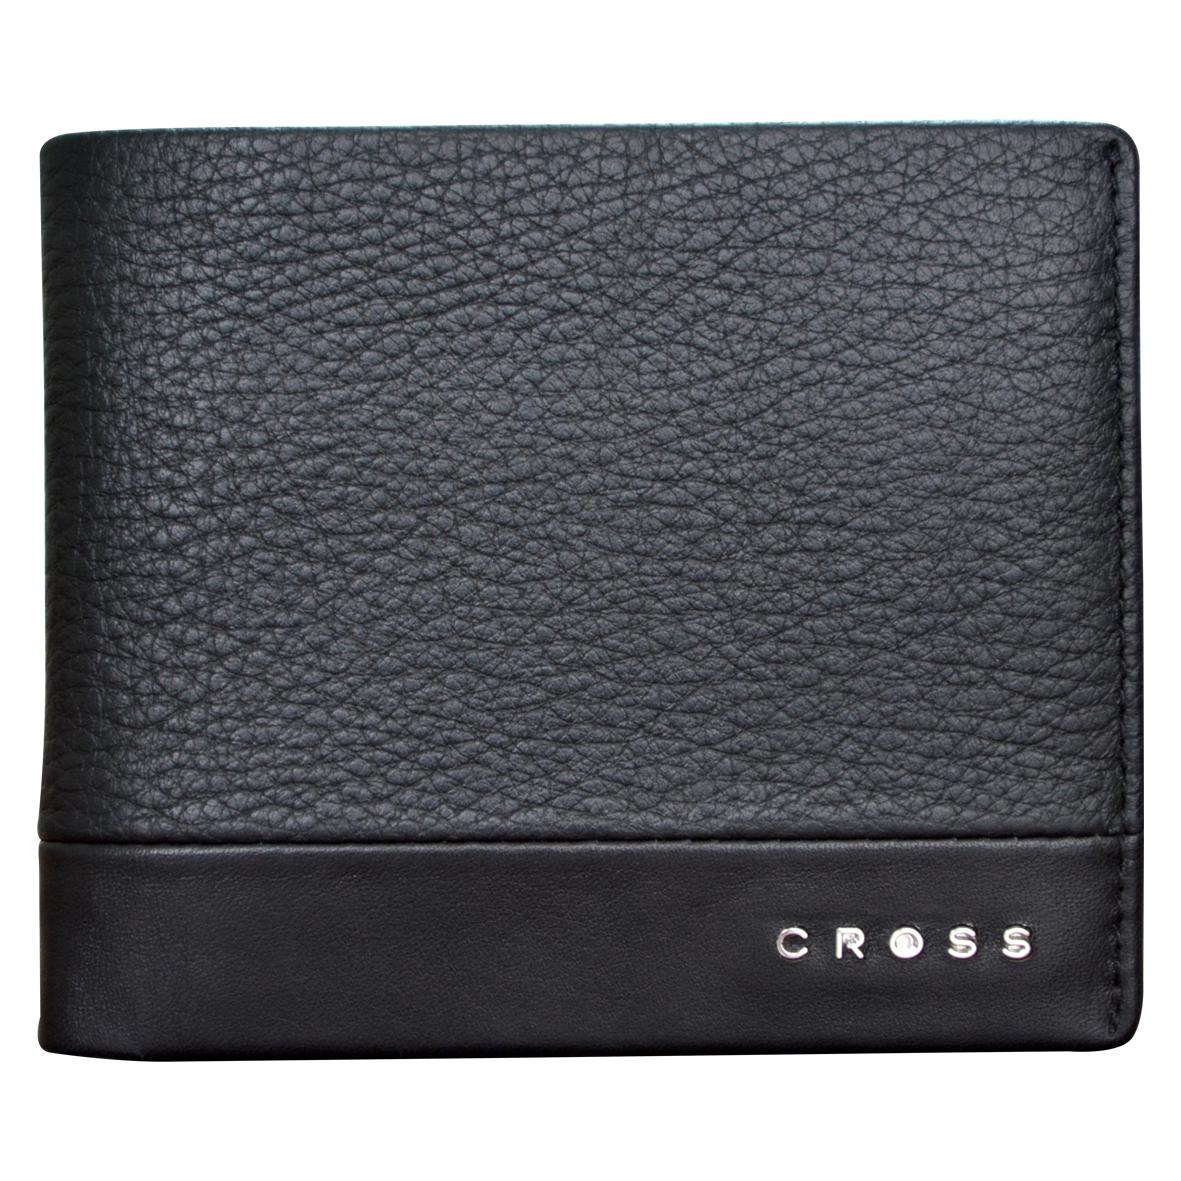 Кошелек мужской Cross, цвет: черный. AC028121-1BM8434-58AEКошелек. Восемь отделений для кредитных карт. Два отделения для банкнот. Два универсальных кармана.